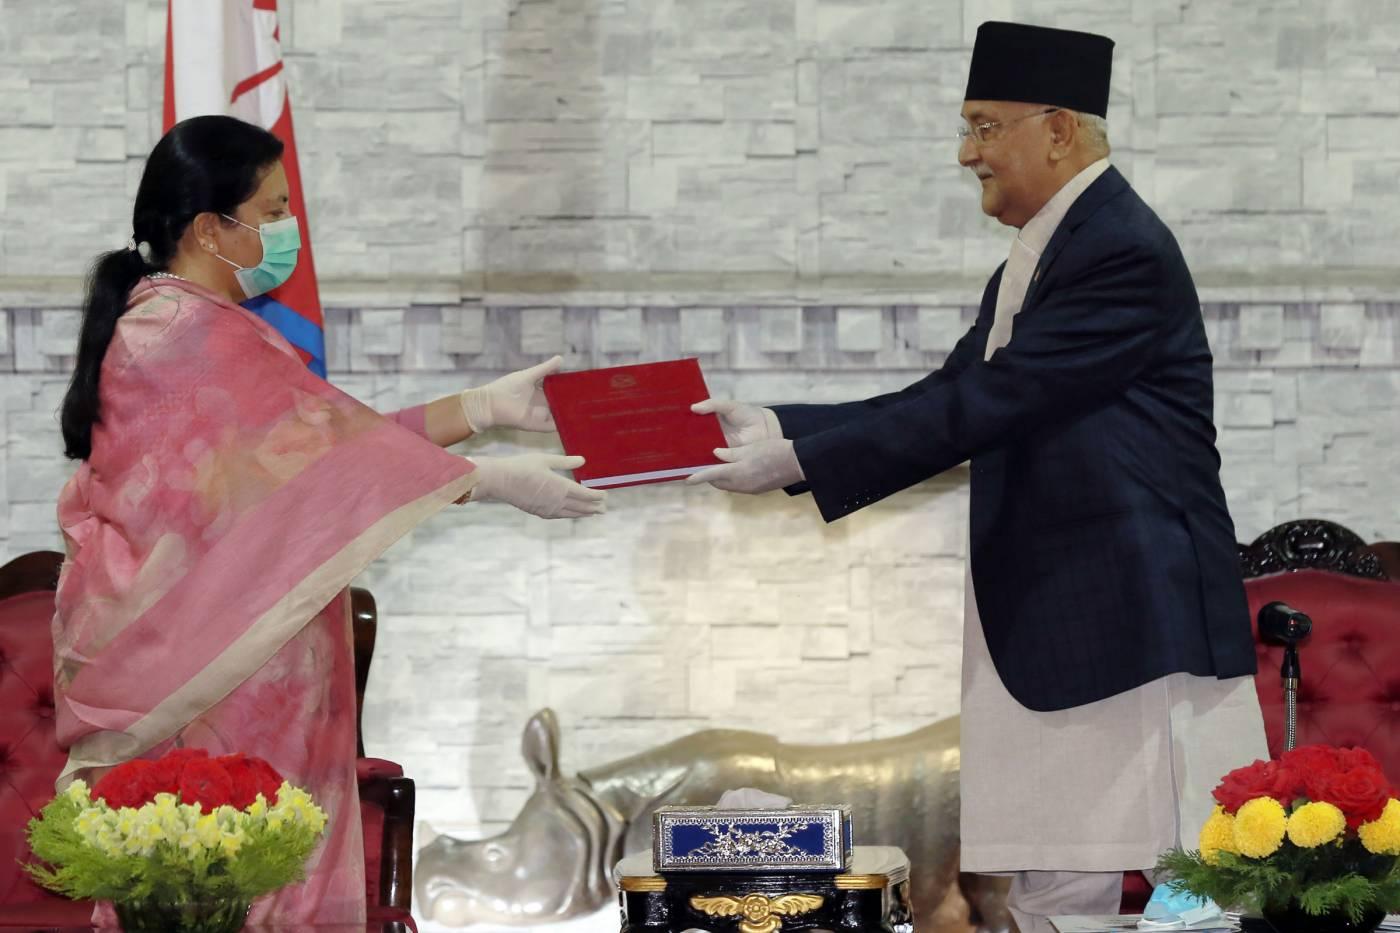 राष्ट्रपतिसमक्ष नेपाल सरकार र सुरक्षा परिषद्को वार्षिक प्रतिवेदन पेश